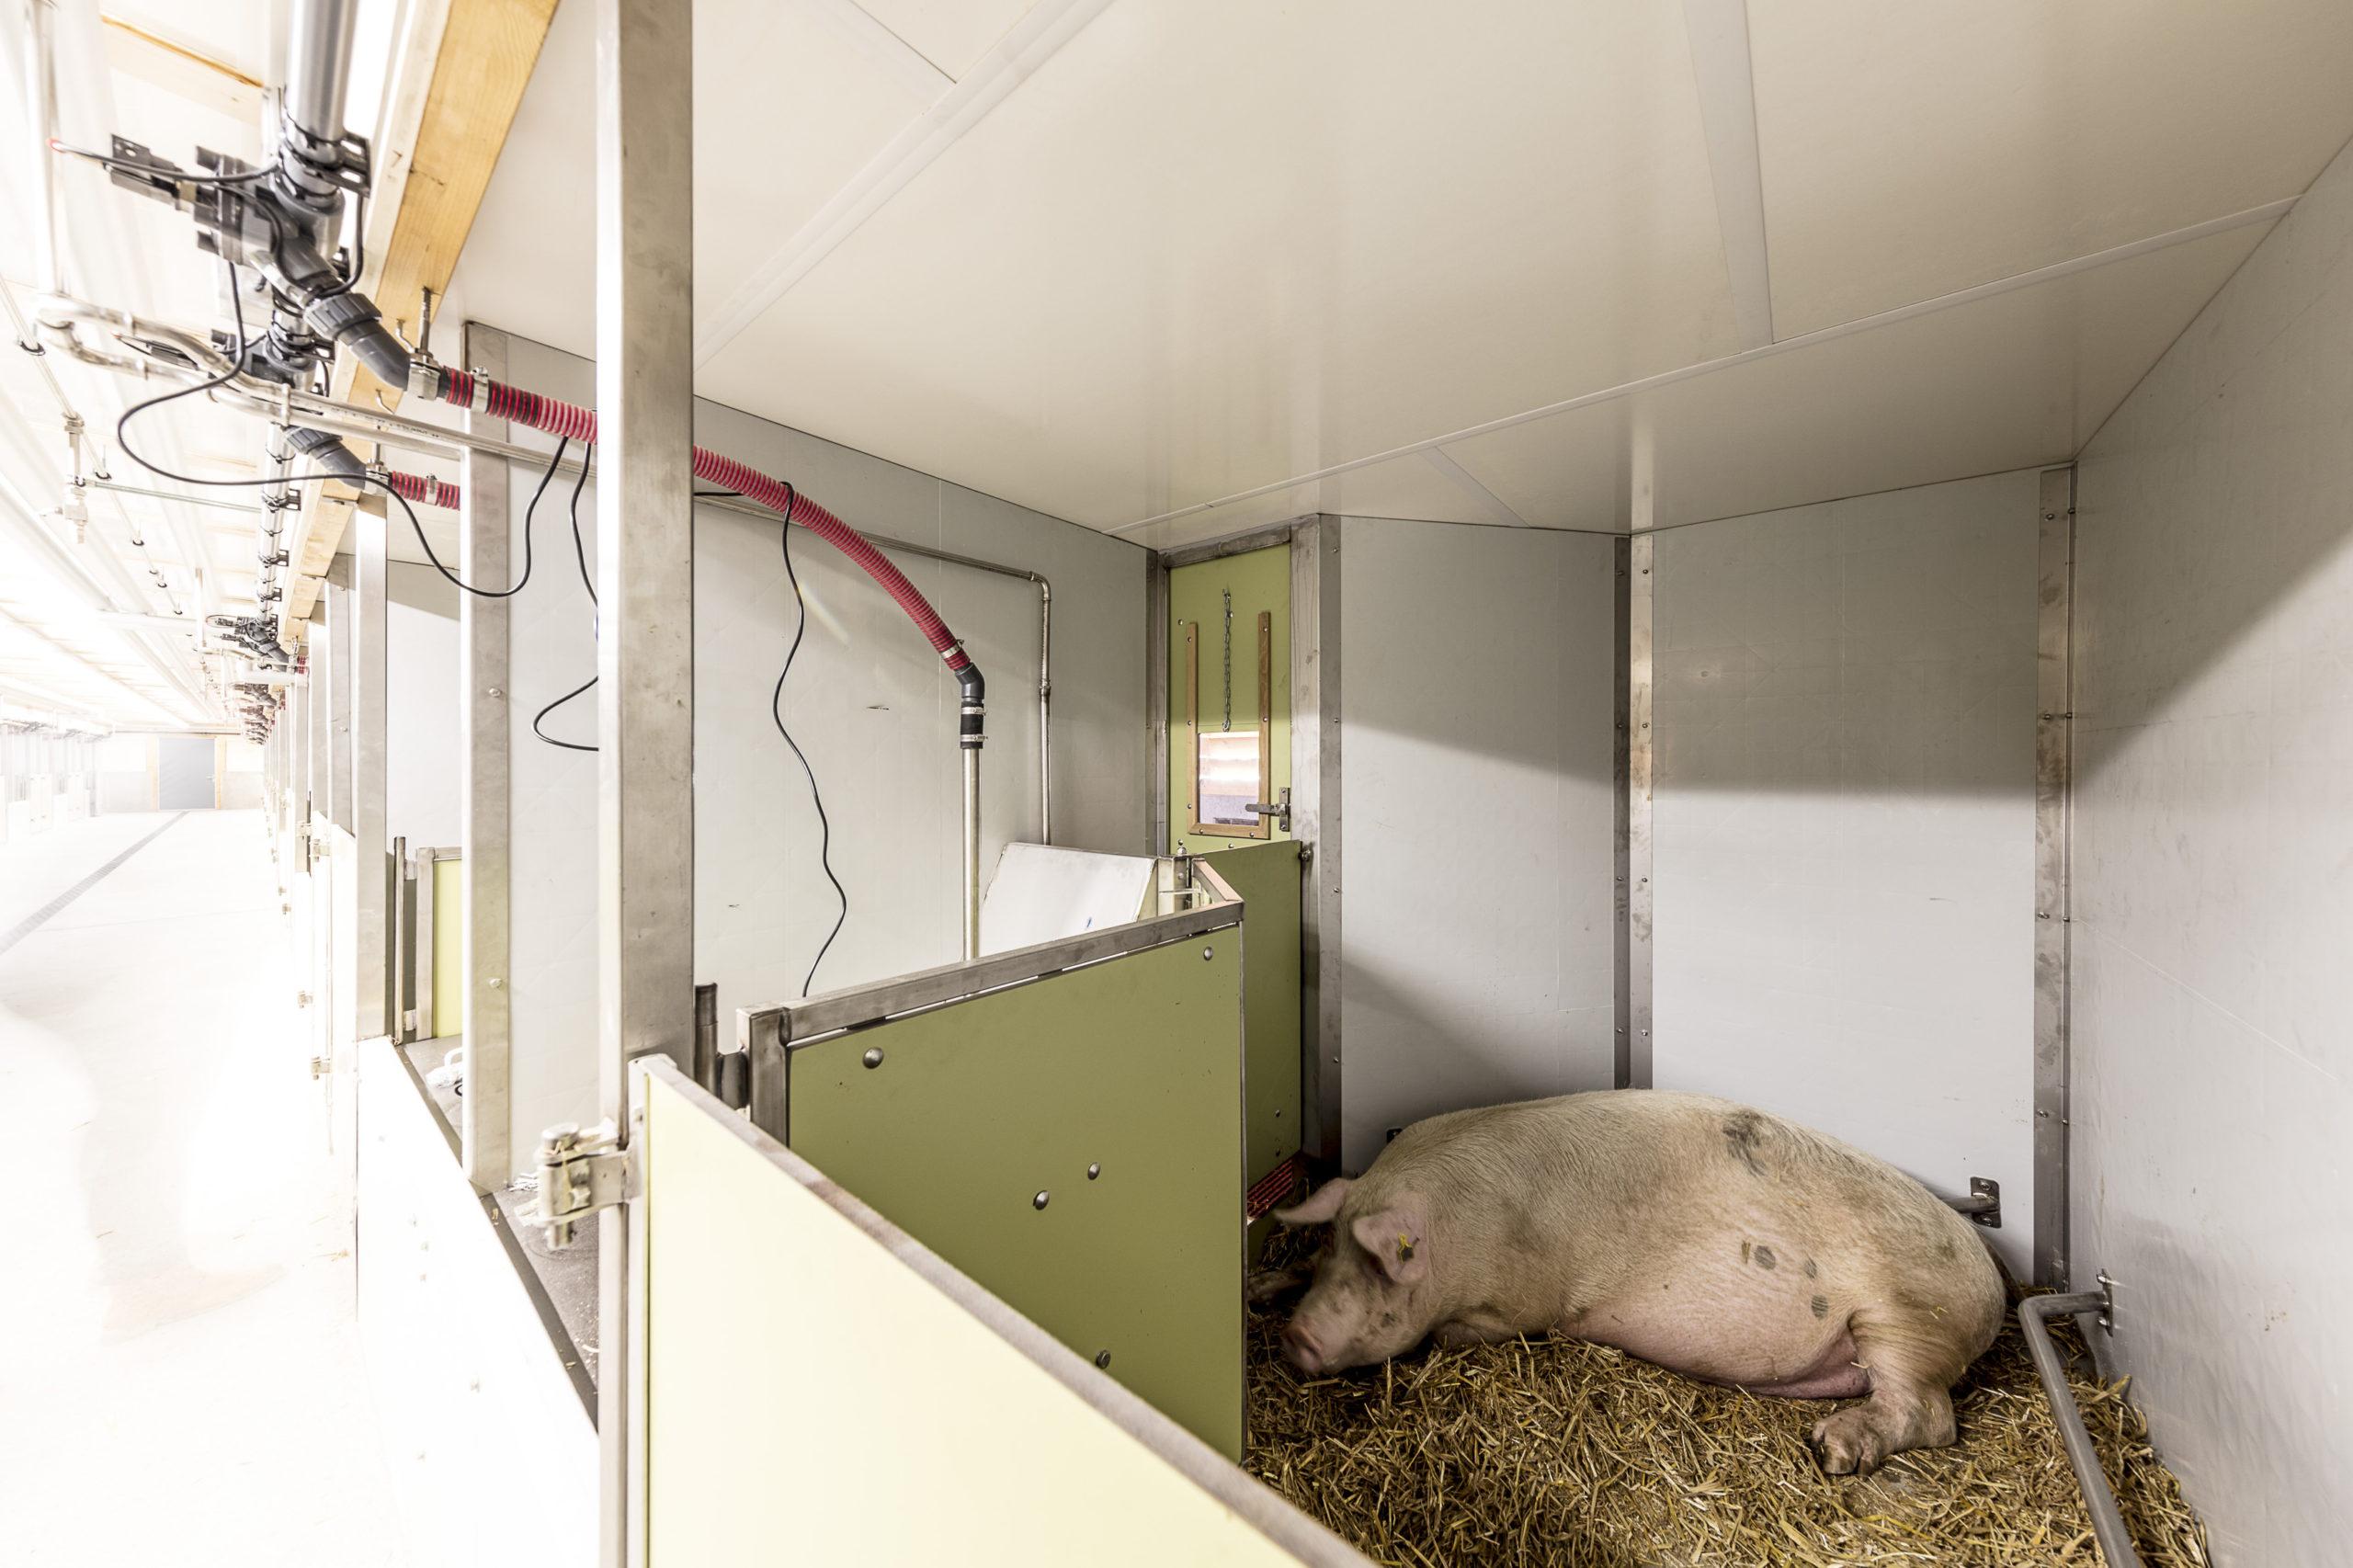 Schweinestall JVA Realta 2016